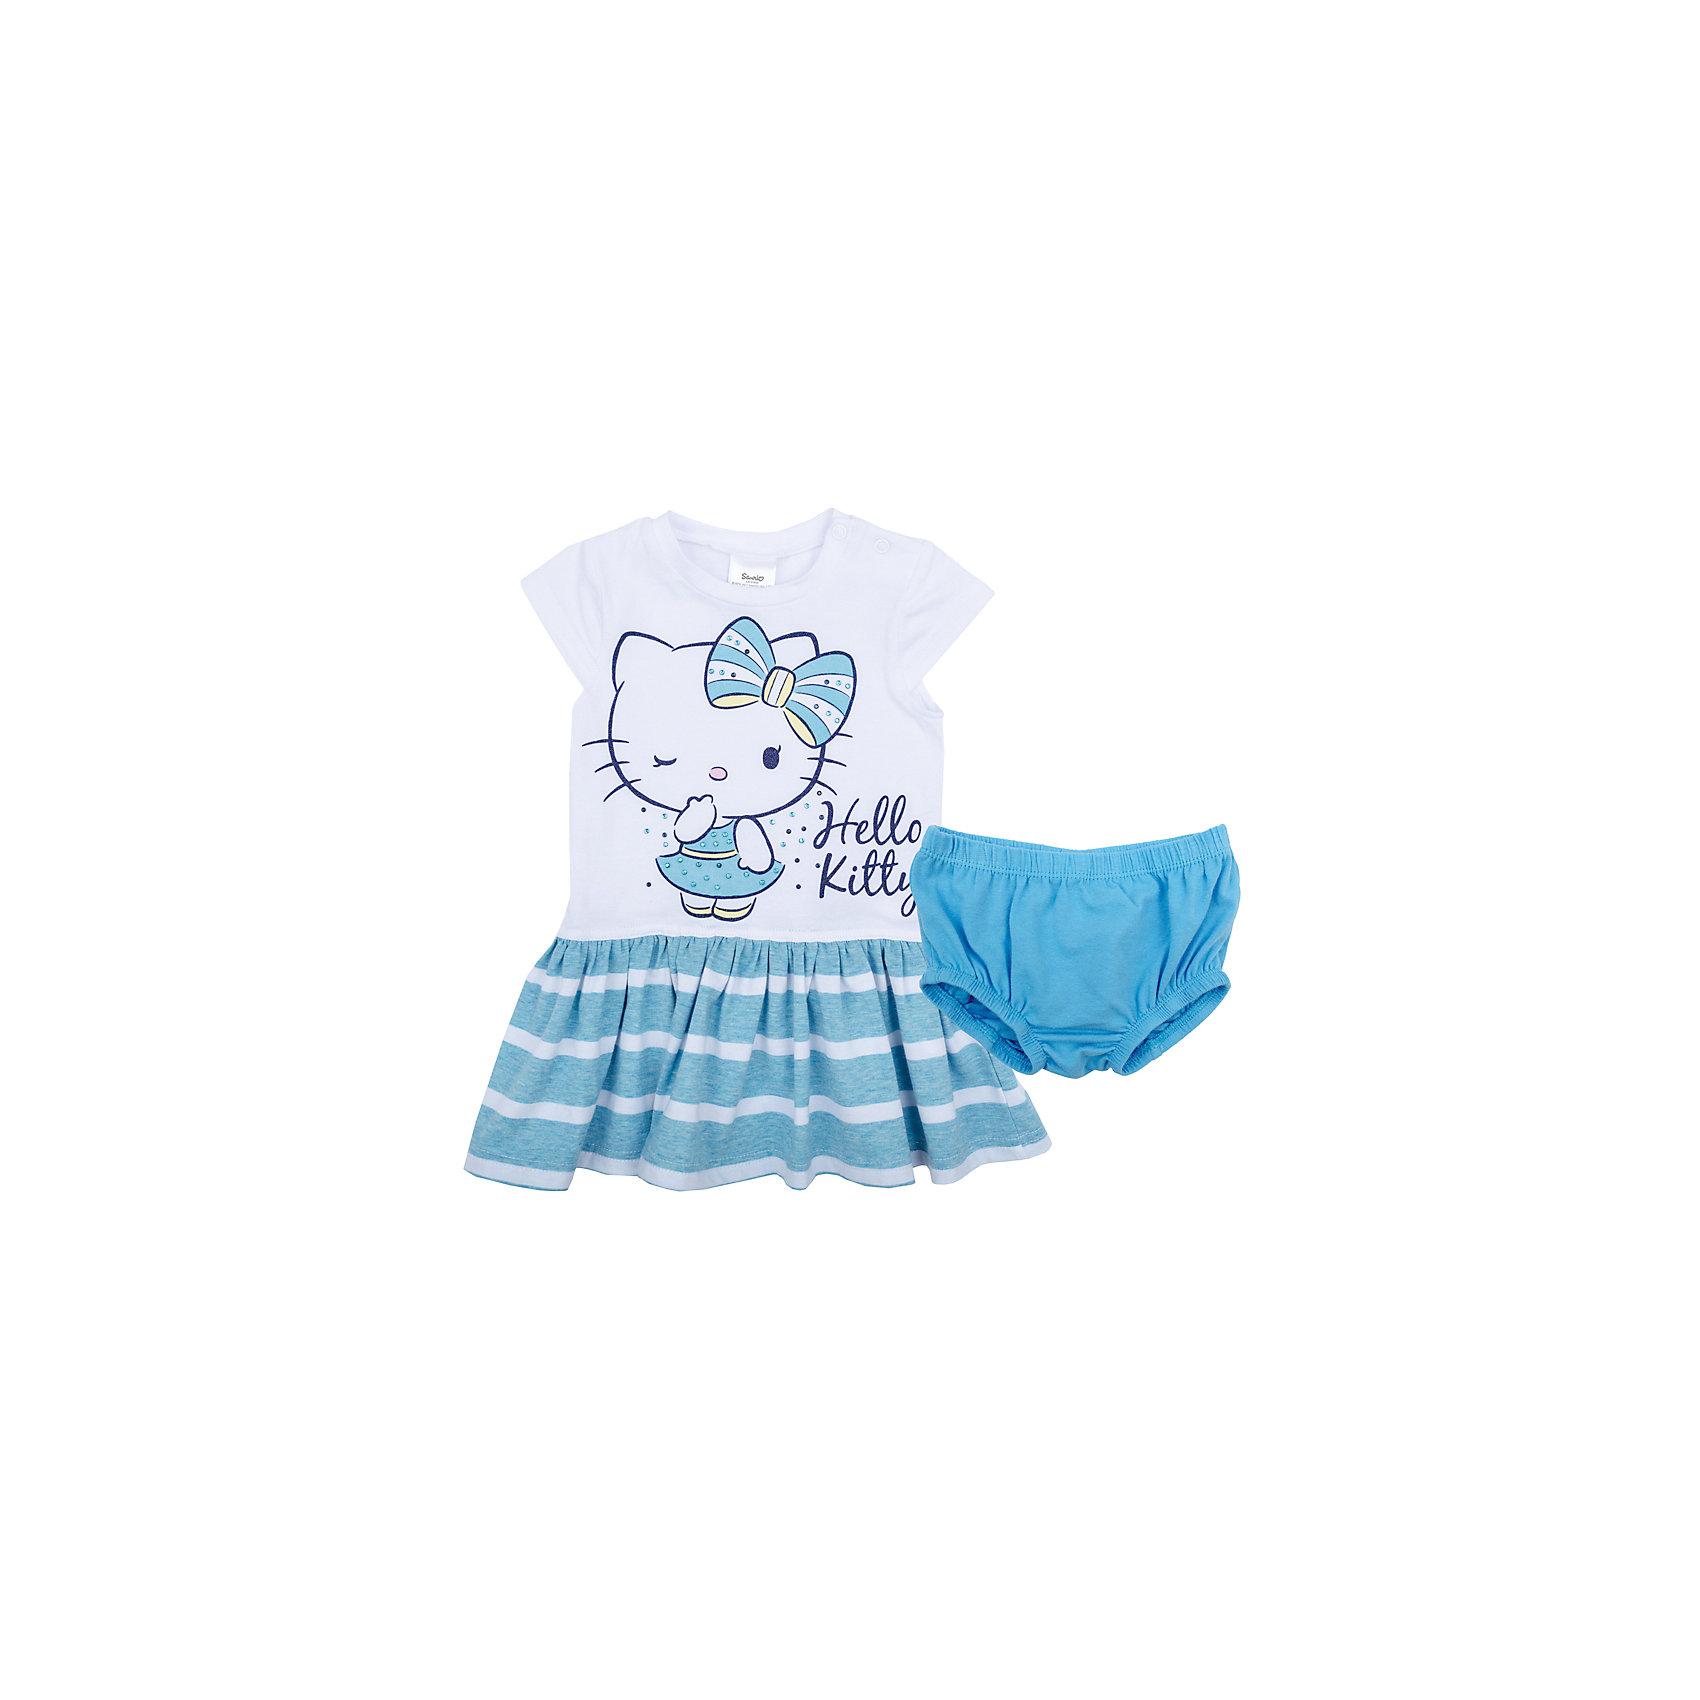 Комплект для девочки PlayTodayКомплекты<br>Характеристики товара:<br><br>• цвет: разноцветный<br>• состав: 95% хлопок, 5% эластан<br>• комплектация: платье, трусы<br>• дышащий материал<br>• рукава короткие<br>• кнопки на платье для удобства надевания<br>• пояс трусов - мягкая резинка<br>• комфортная посадка<br>• коллекция: весна-лето 2017<br>• страна бренда: Германия<br>• страна производства: Китай<br><br>Популярный бренд PlayToday выпустил новую коллекцию! Вещи из неё продолжают радовать покупателей удобством, стильным дизайном и продуманным кроем. Дети носят их с удовольствием. PlayToday - это линейка товаров, созданная специально для детей. Дизайнеры учитывают новые веяния моды и потребности детей. Порадуйте ребенка обновкой от проверенного производителя!<br>Эта модель обеспечит ребенку комфорт благодаря качественному материалу и удобному крою. Отличный вариант детской одежды - она не трет и давит, не ограничивает свободу движений! Выглядит стильно и аккуратно.<br><br>Комплект для девочки от известного бренда PlayToday можно купить в нашем интернет-магазине.<br><br>Ширина мм: 157<br>Глубина мм: 13<br>Высота мм: 119<br>Вес г: 200<br>Цвет: белый<br>Возраст от месяцев: 18<br>Возраст до месяцев: 24<br>Пол: Женский<br>Возраст: Детский<br>Размер: 92,74,80,86<br>SKU: 5408576